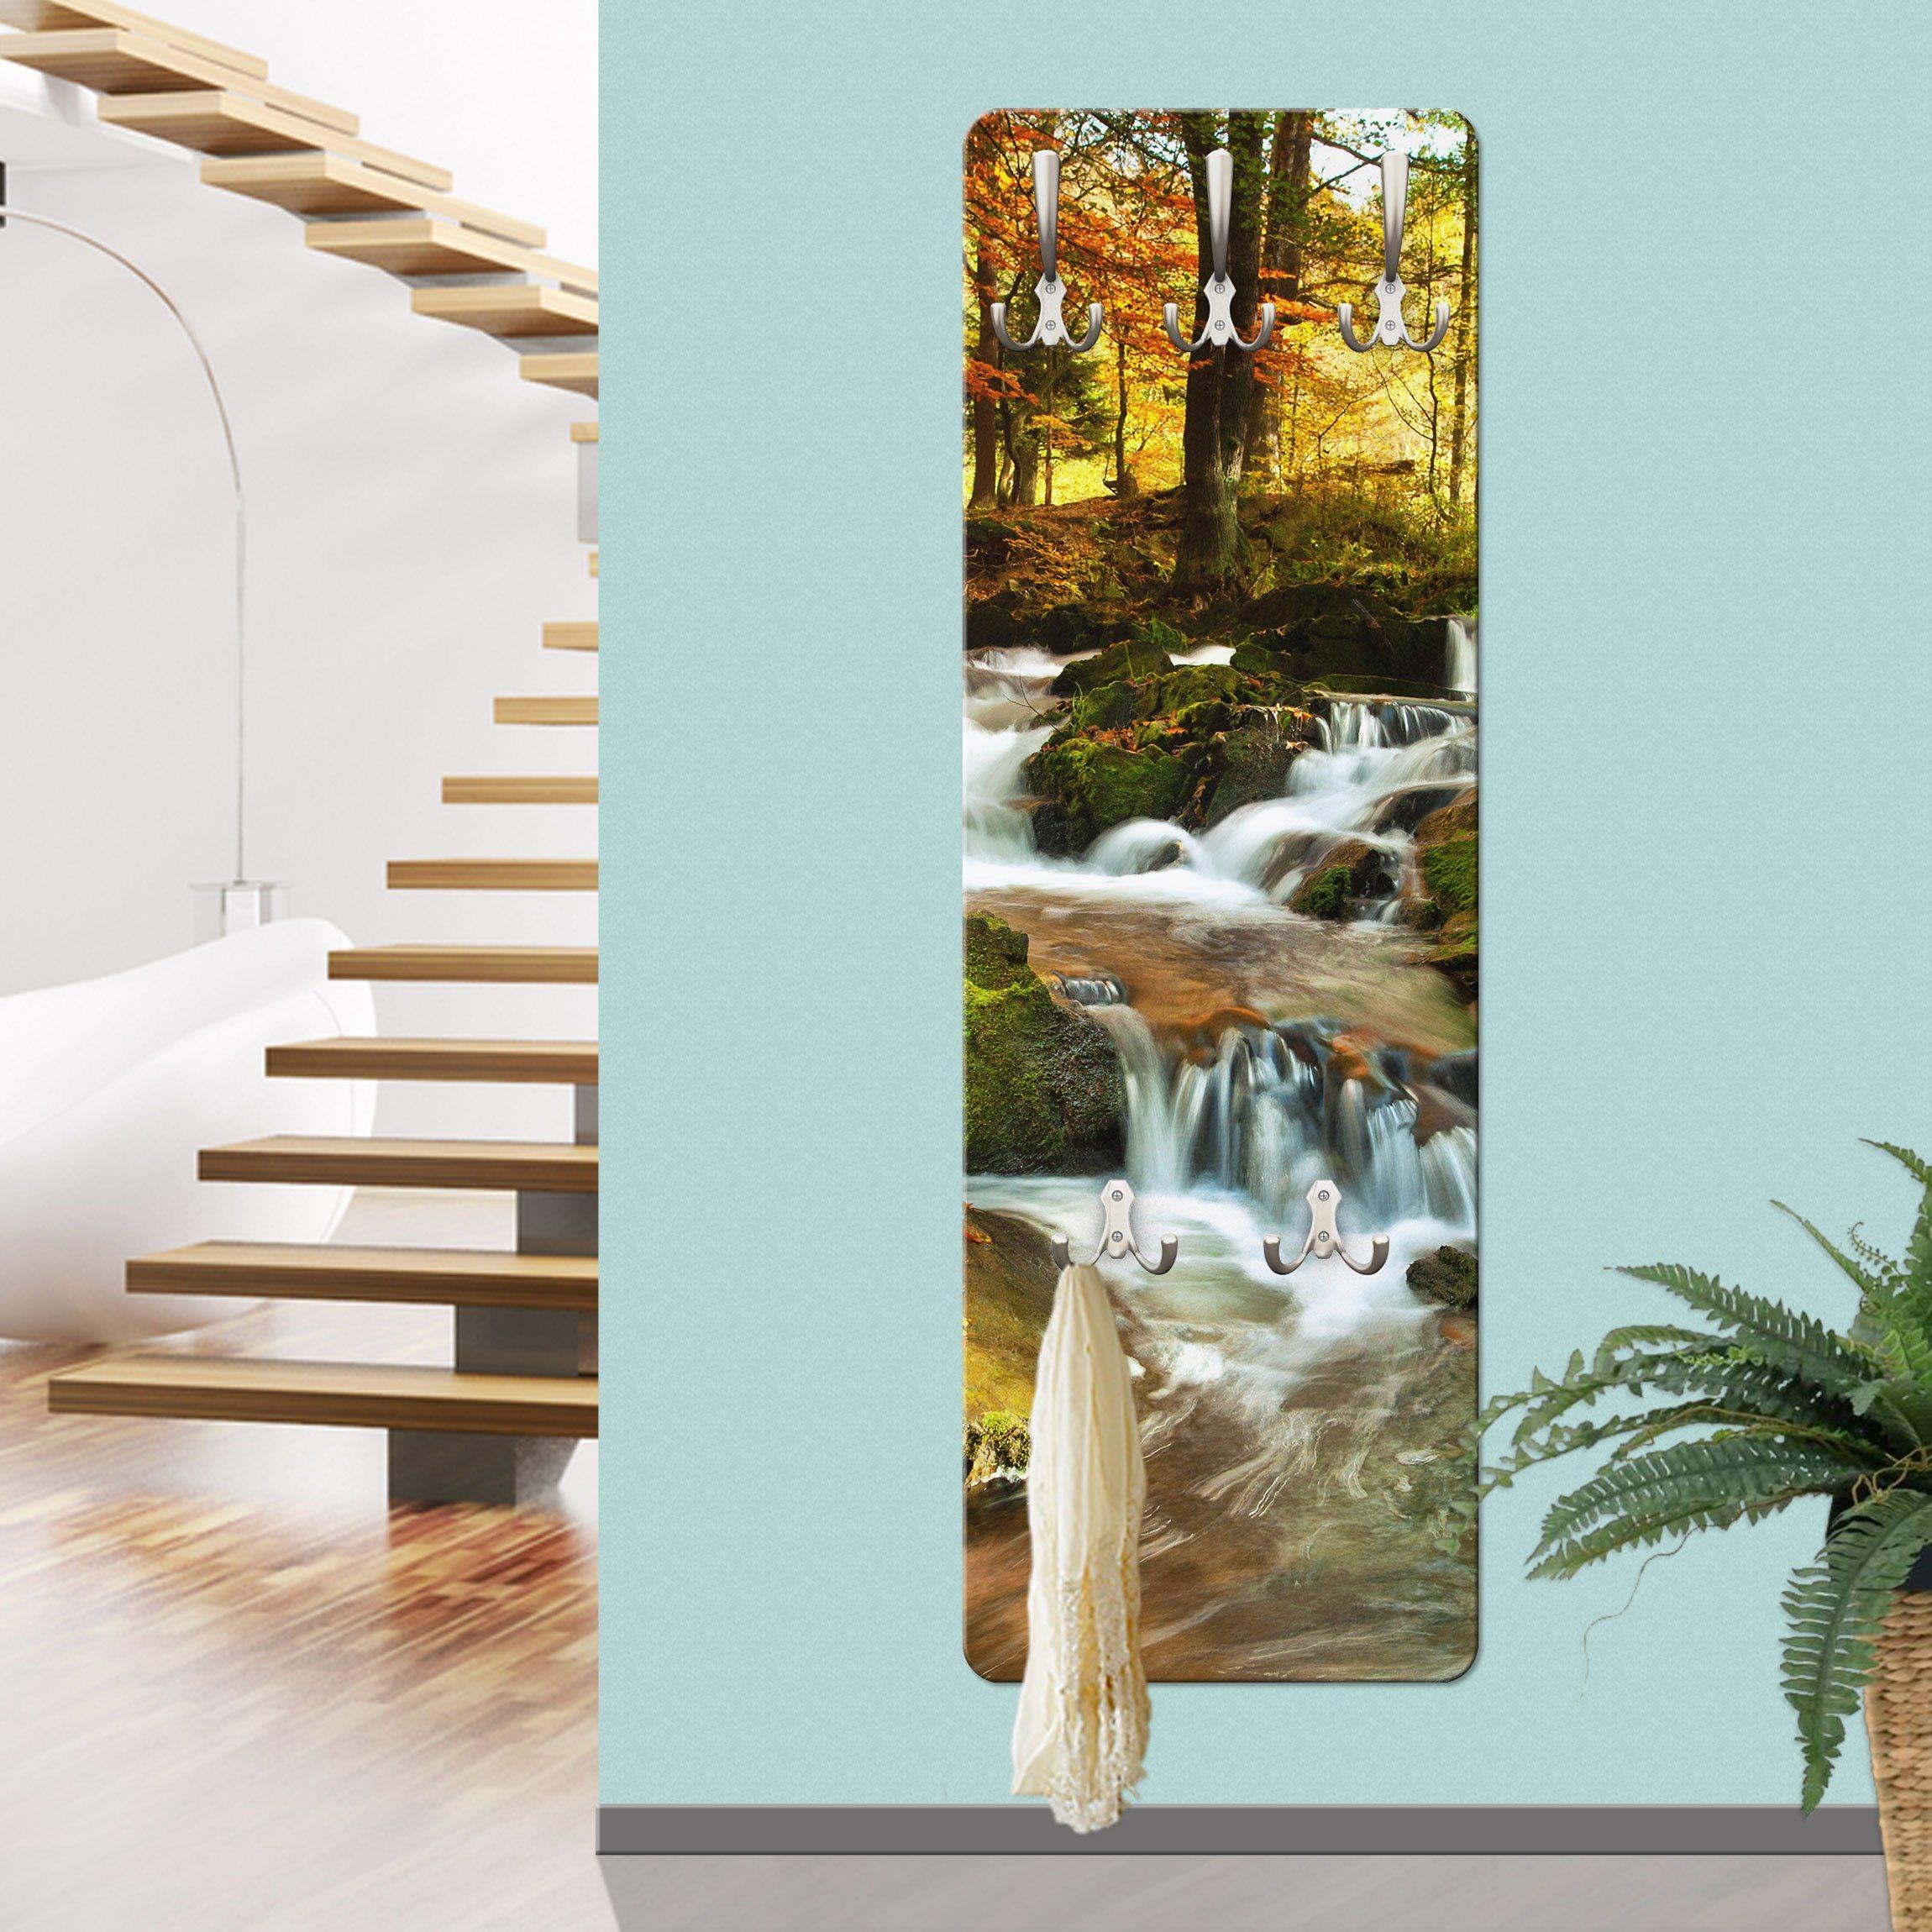 Bilderwelten Wandgarderobe »Wasserfall herbstlicher Wald« | Flur & Diele > Garderoben > Garderobenhaken | Weiß - Matt | Holz - Faserplatte - Metall | Bilderwelten